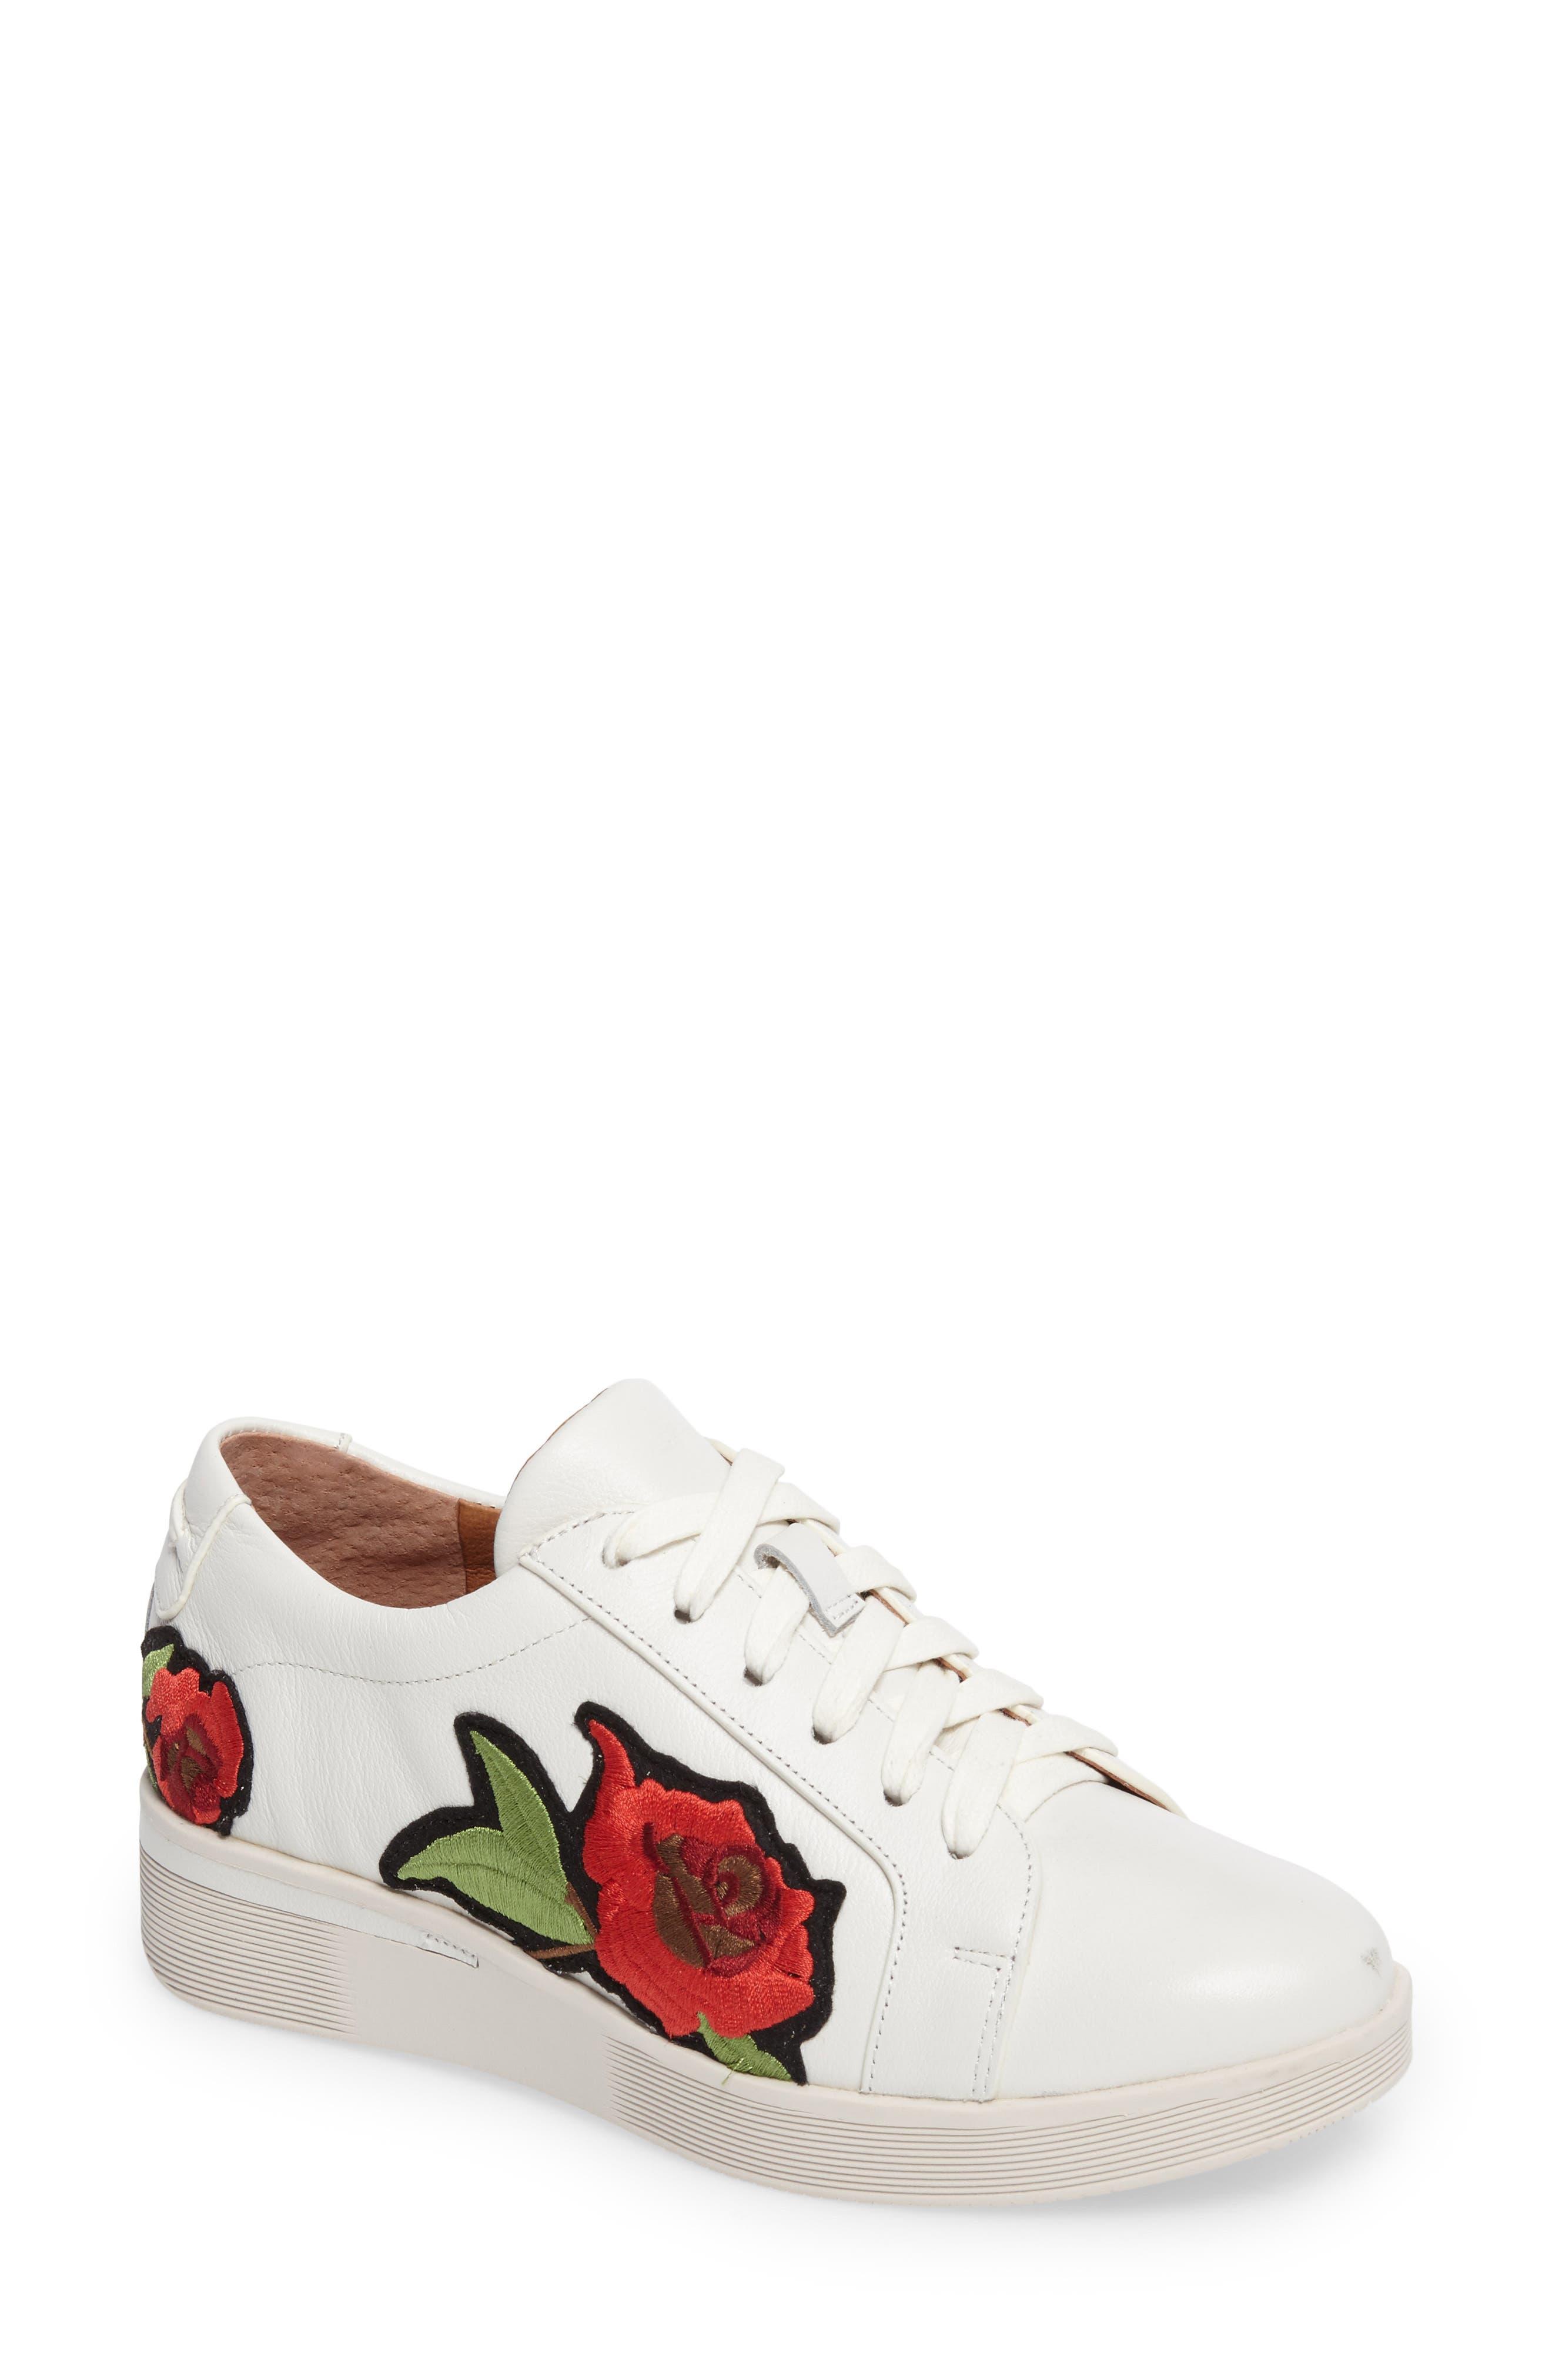 GENTLE SOULS Gentle Soles Haddie Rose Sneaker